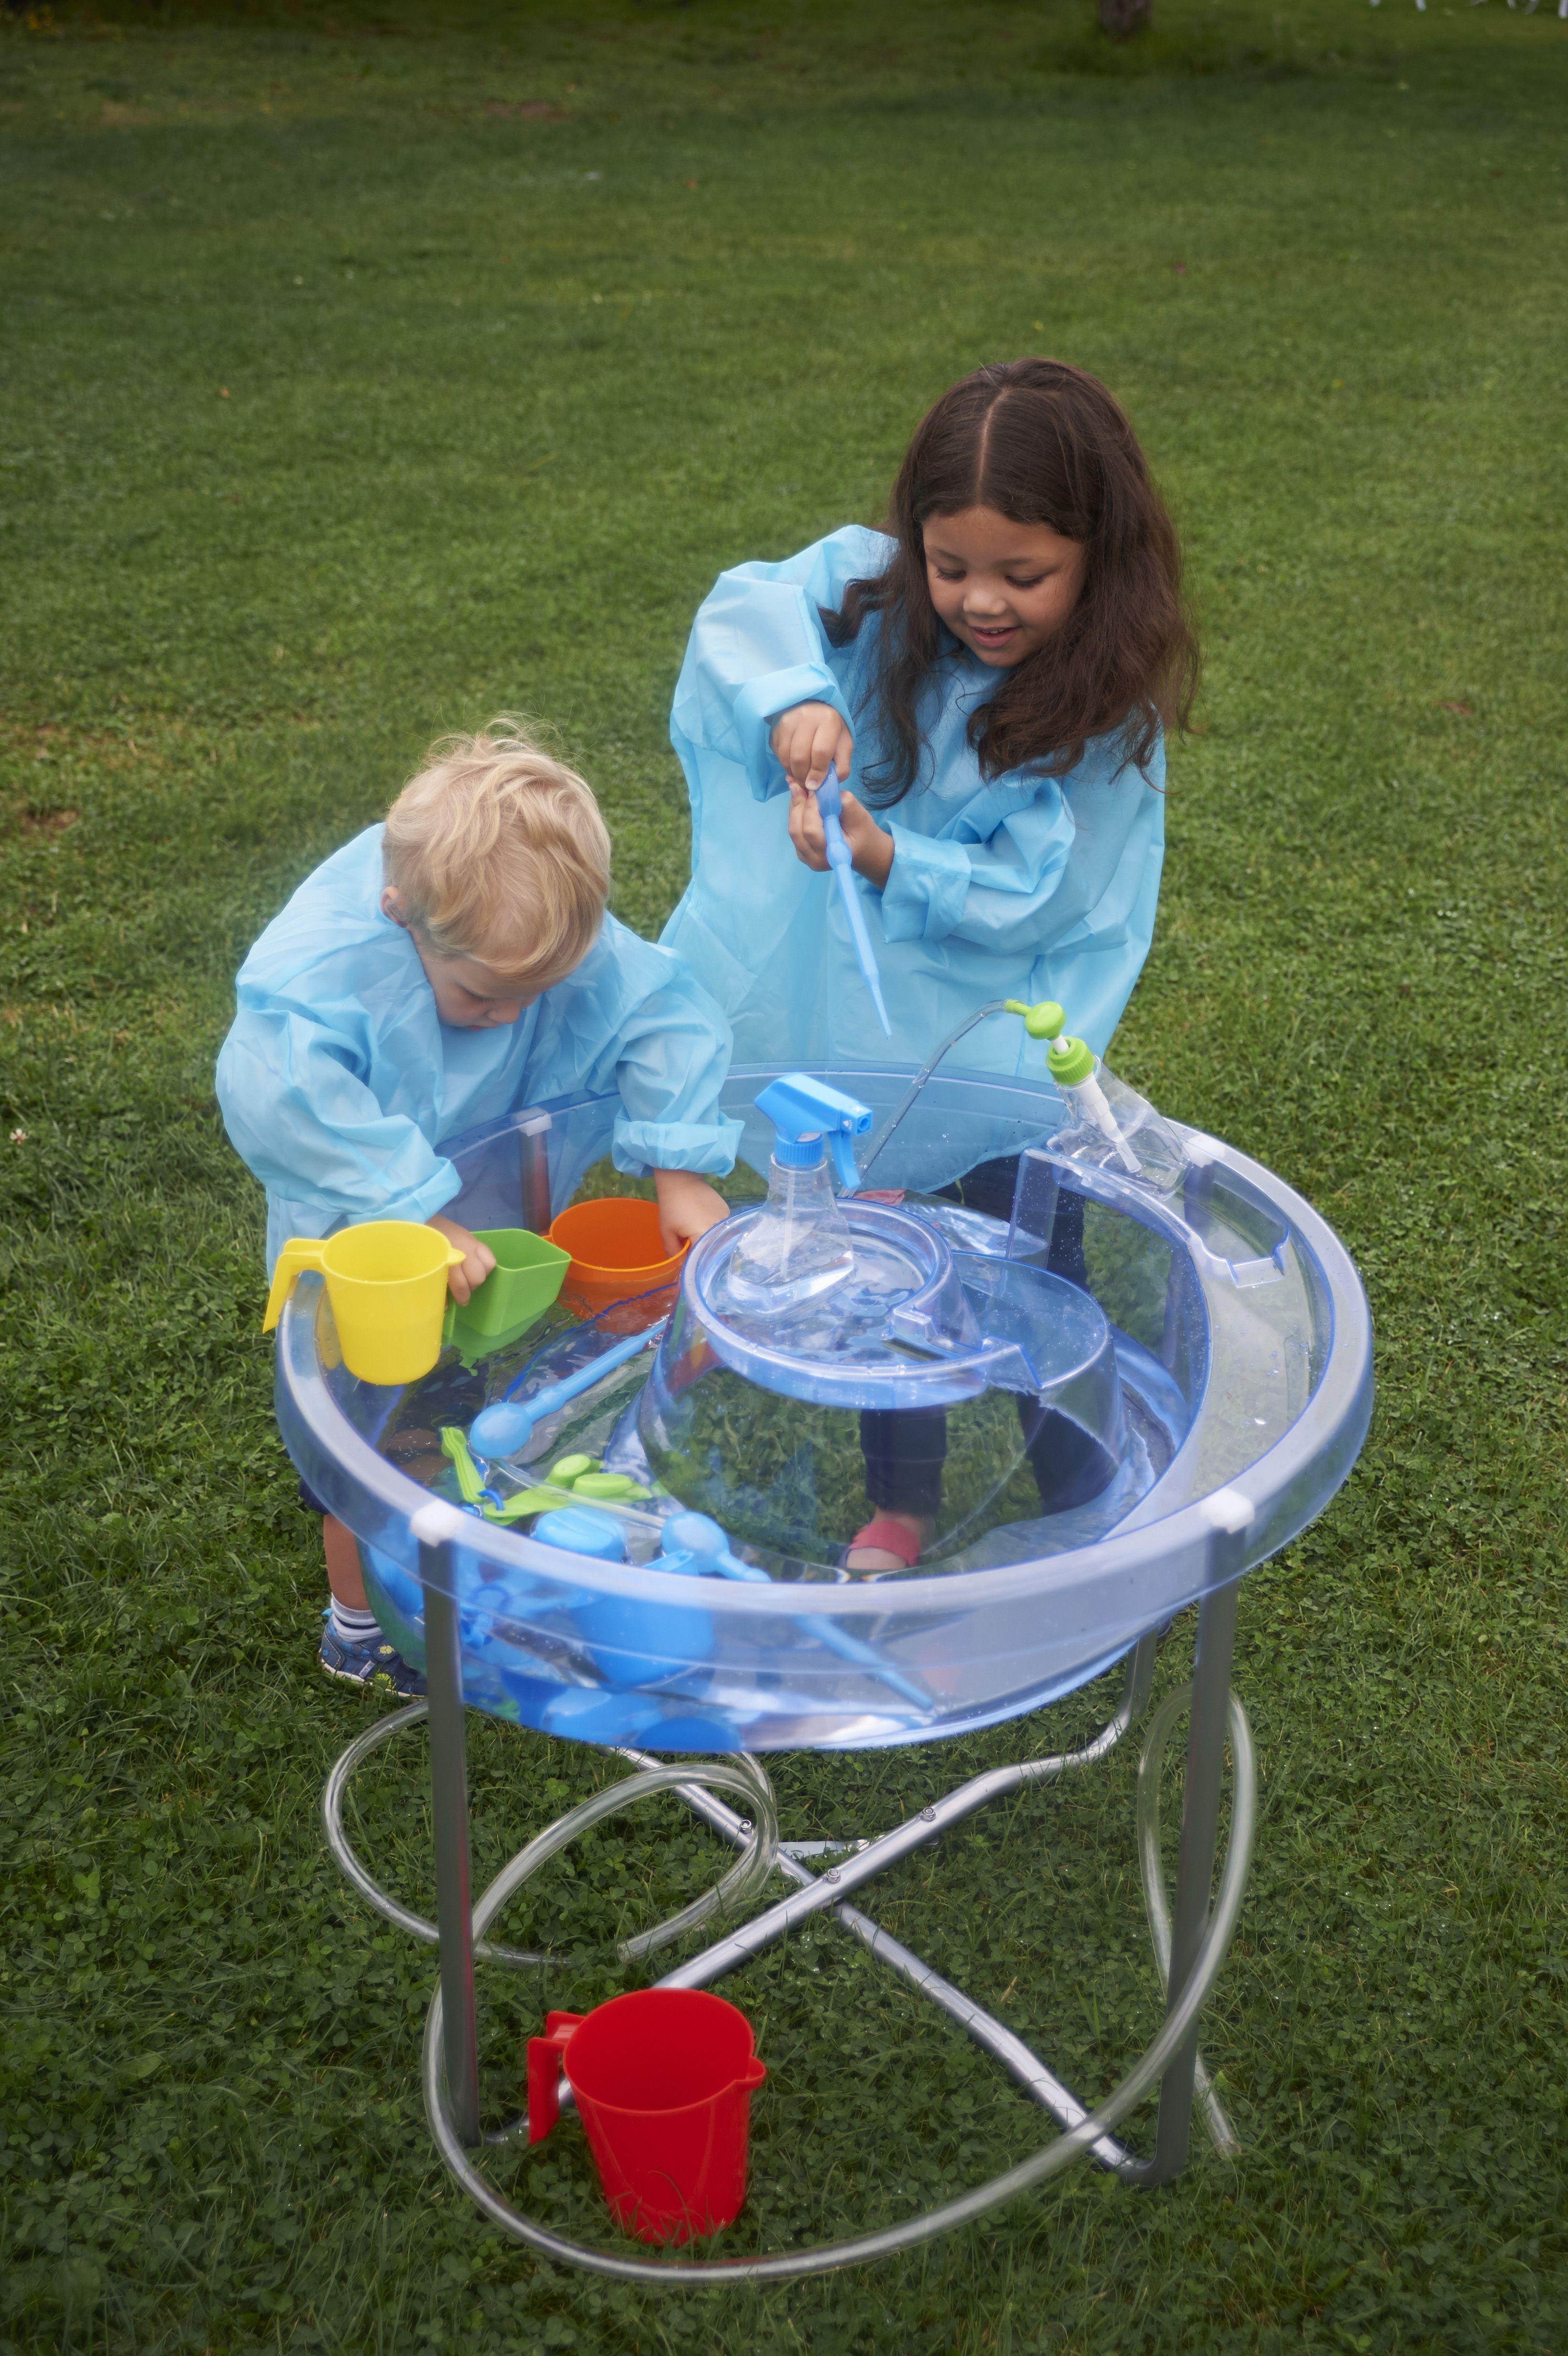 1427db7d Sjove aktivitetssæt til vandleg og sjove vandkar kommer snart til salg på  Legebyen.dk #